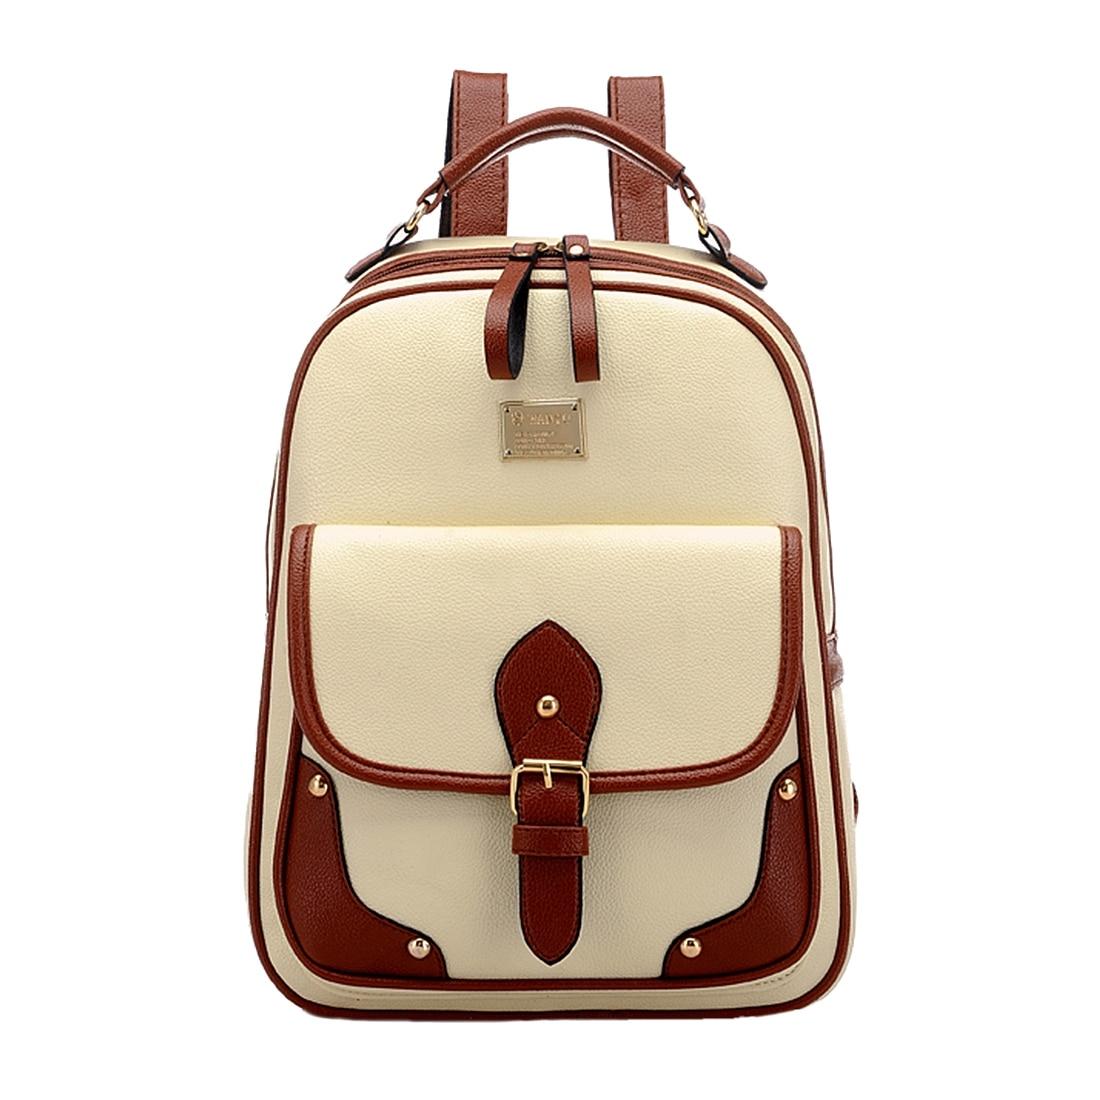 Men's Bags Beau Vintage Leather Backpack Rucksack Shoulder School Bag Knapsack Brown